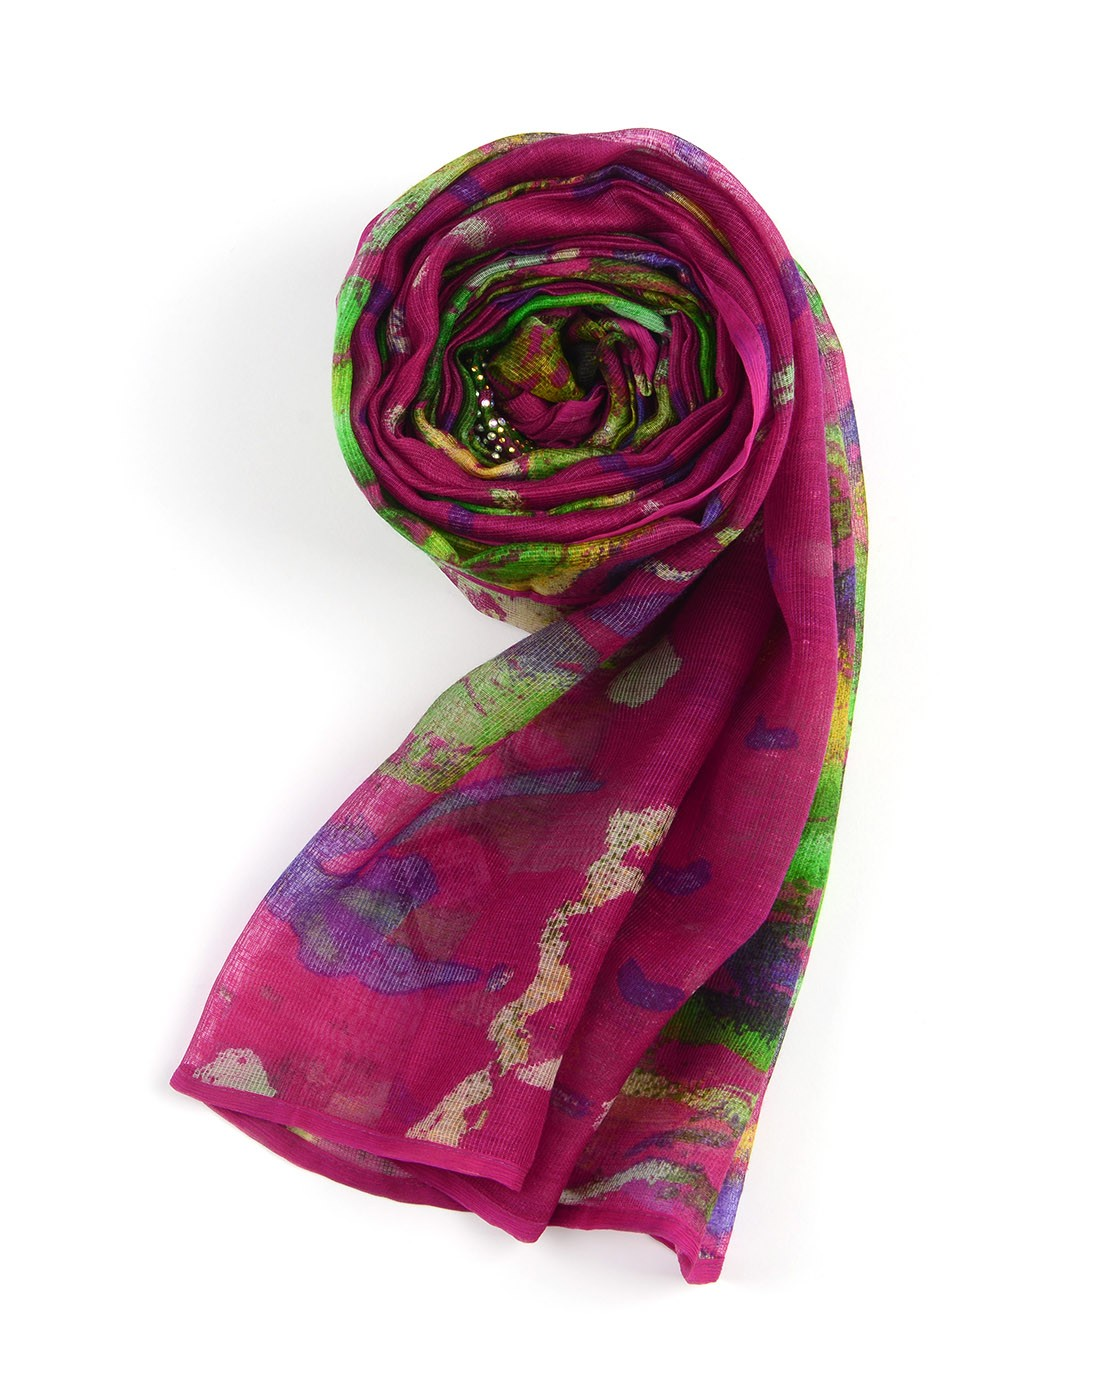 丝界围巾专场-100%桑蚕丝围巾花样火焰紫色